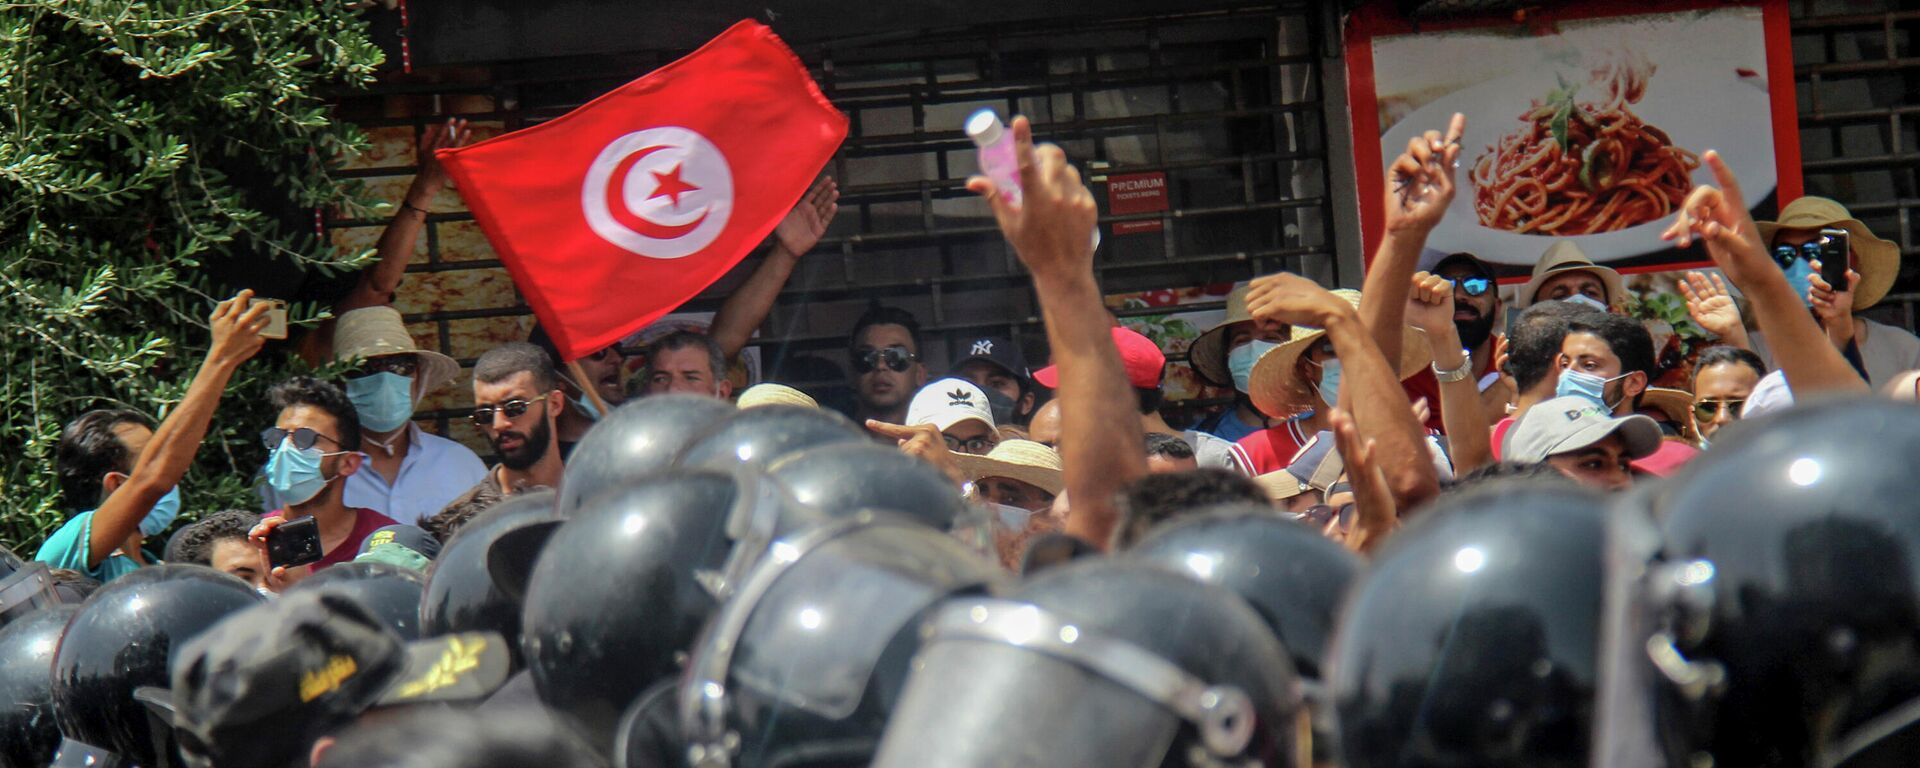 Velike demonstracije u Tunisu  - Sputnik Srbija, 1920, 26.07.2021